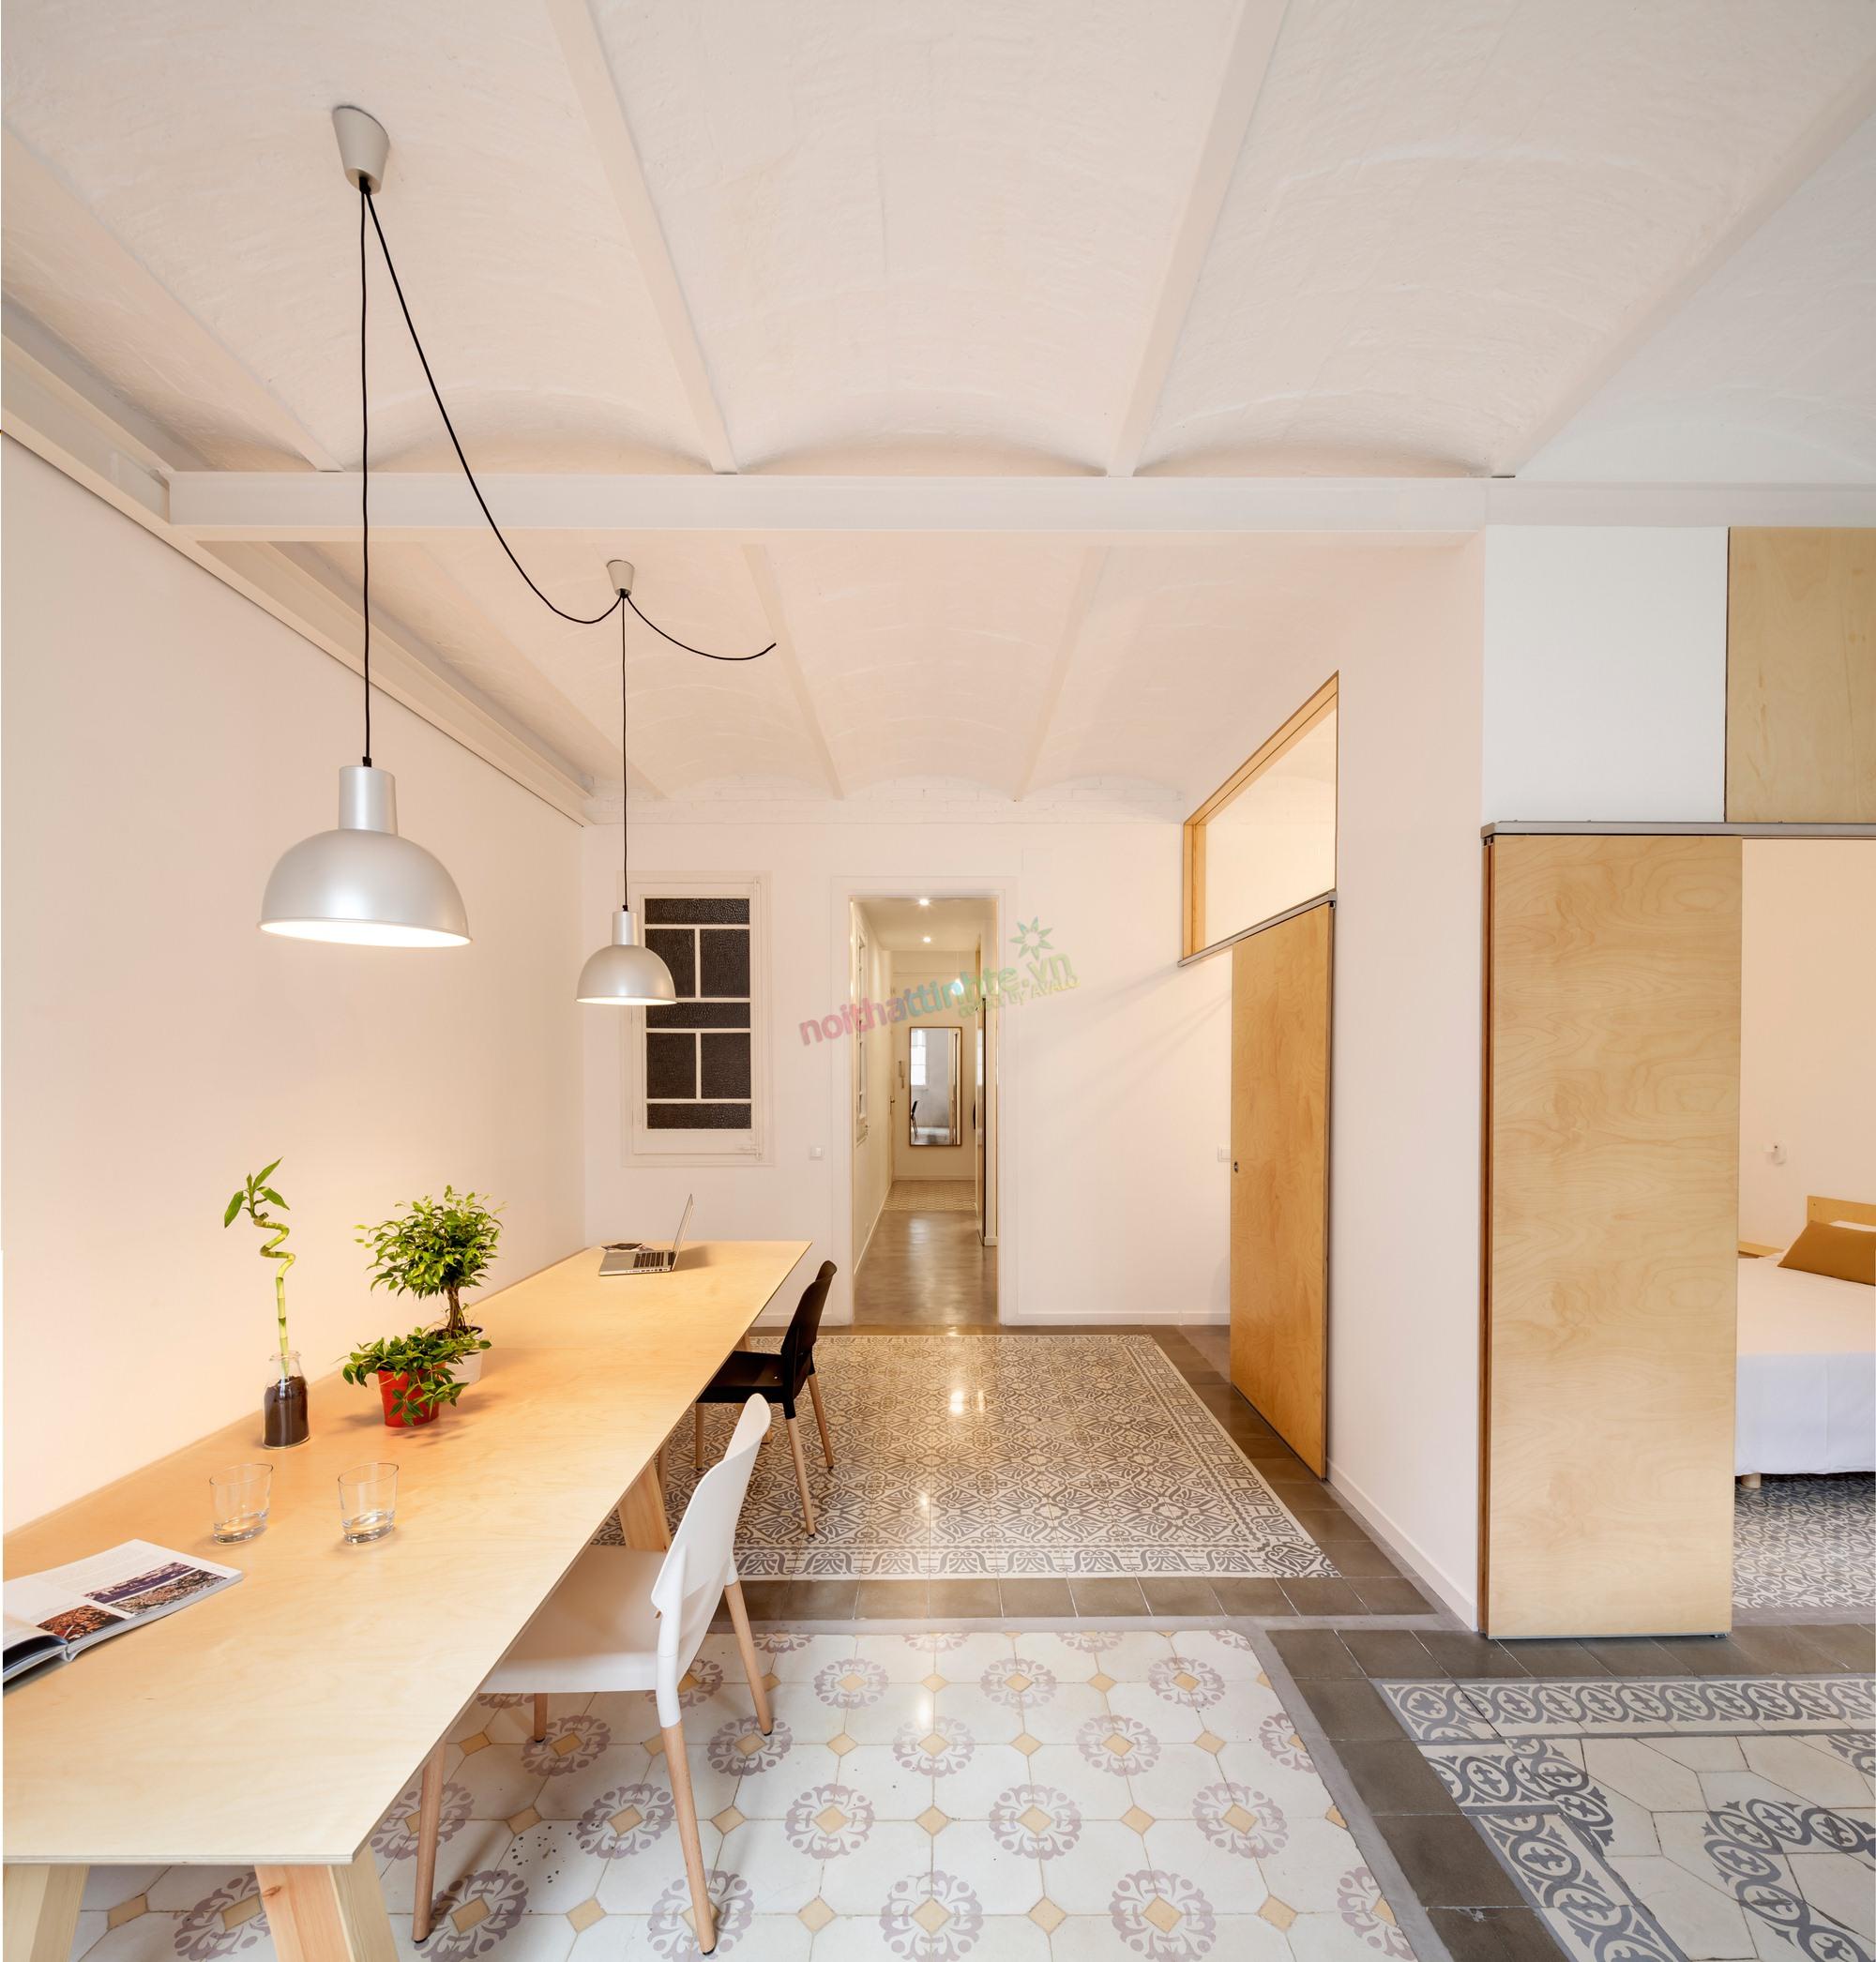 Thiết kế nội thất cải tạo căn hộ đẹp tại Provenca, thành phố Barcelona